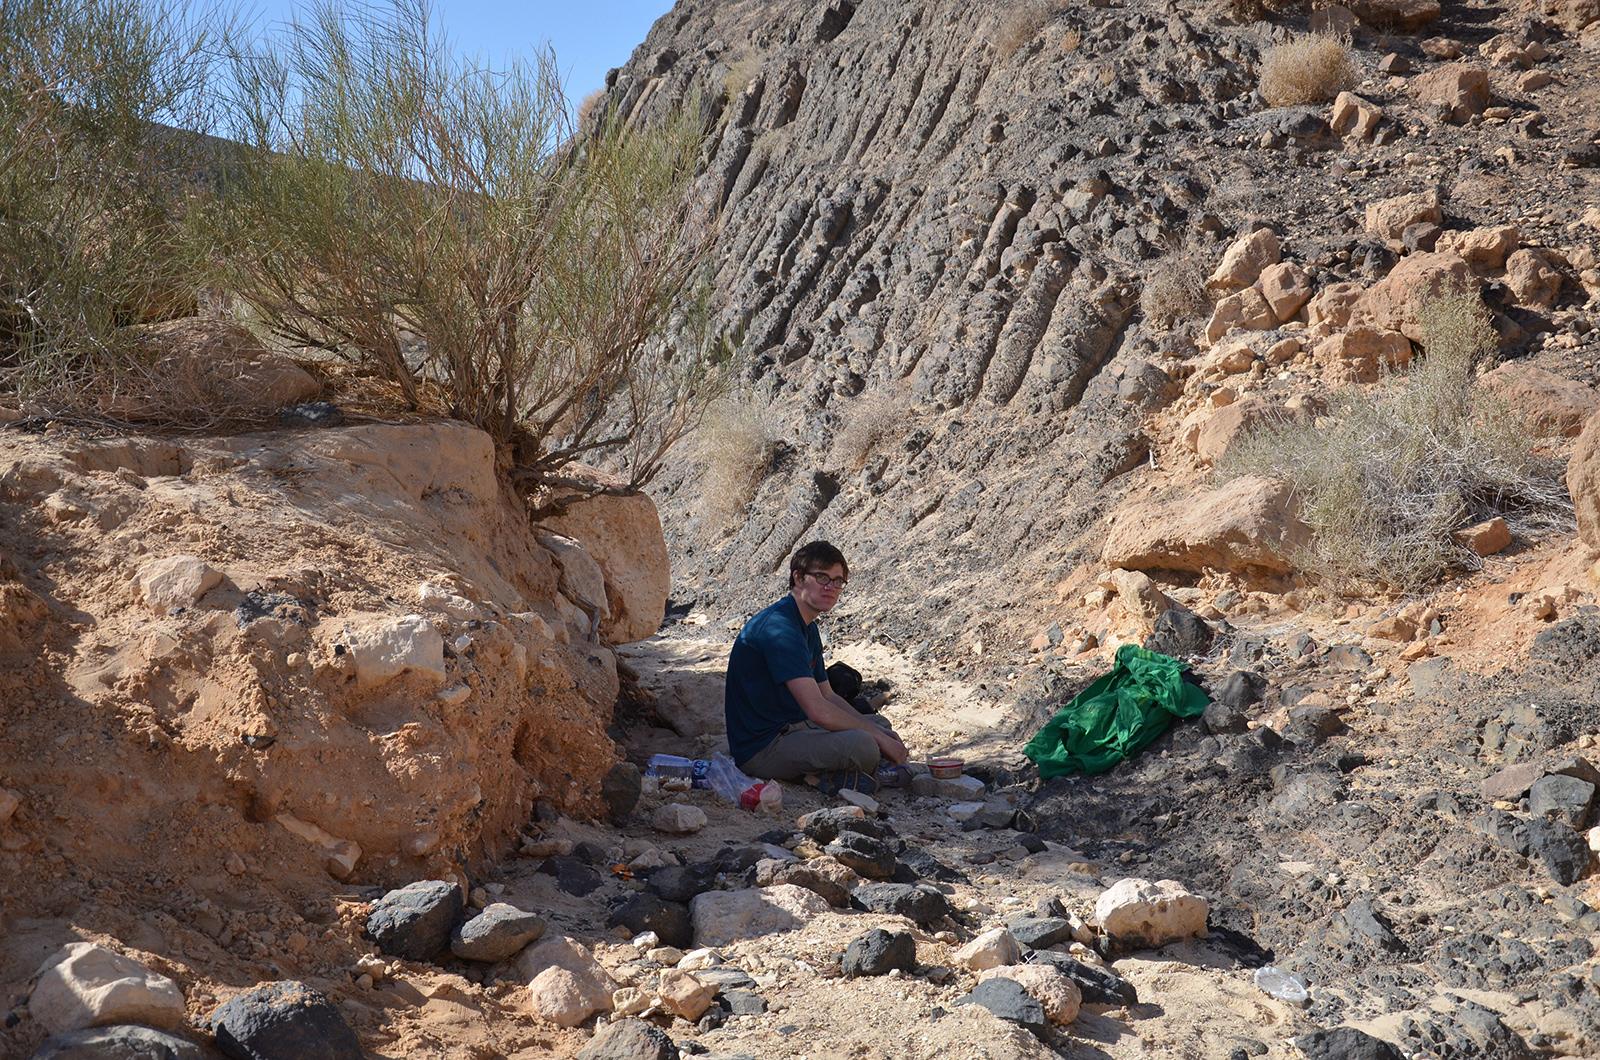 Pauza na svačinu ve stínu keřů, Negevská poušť, Izrael